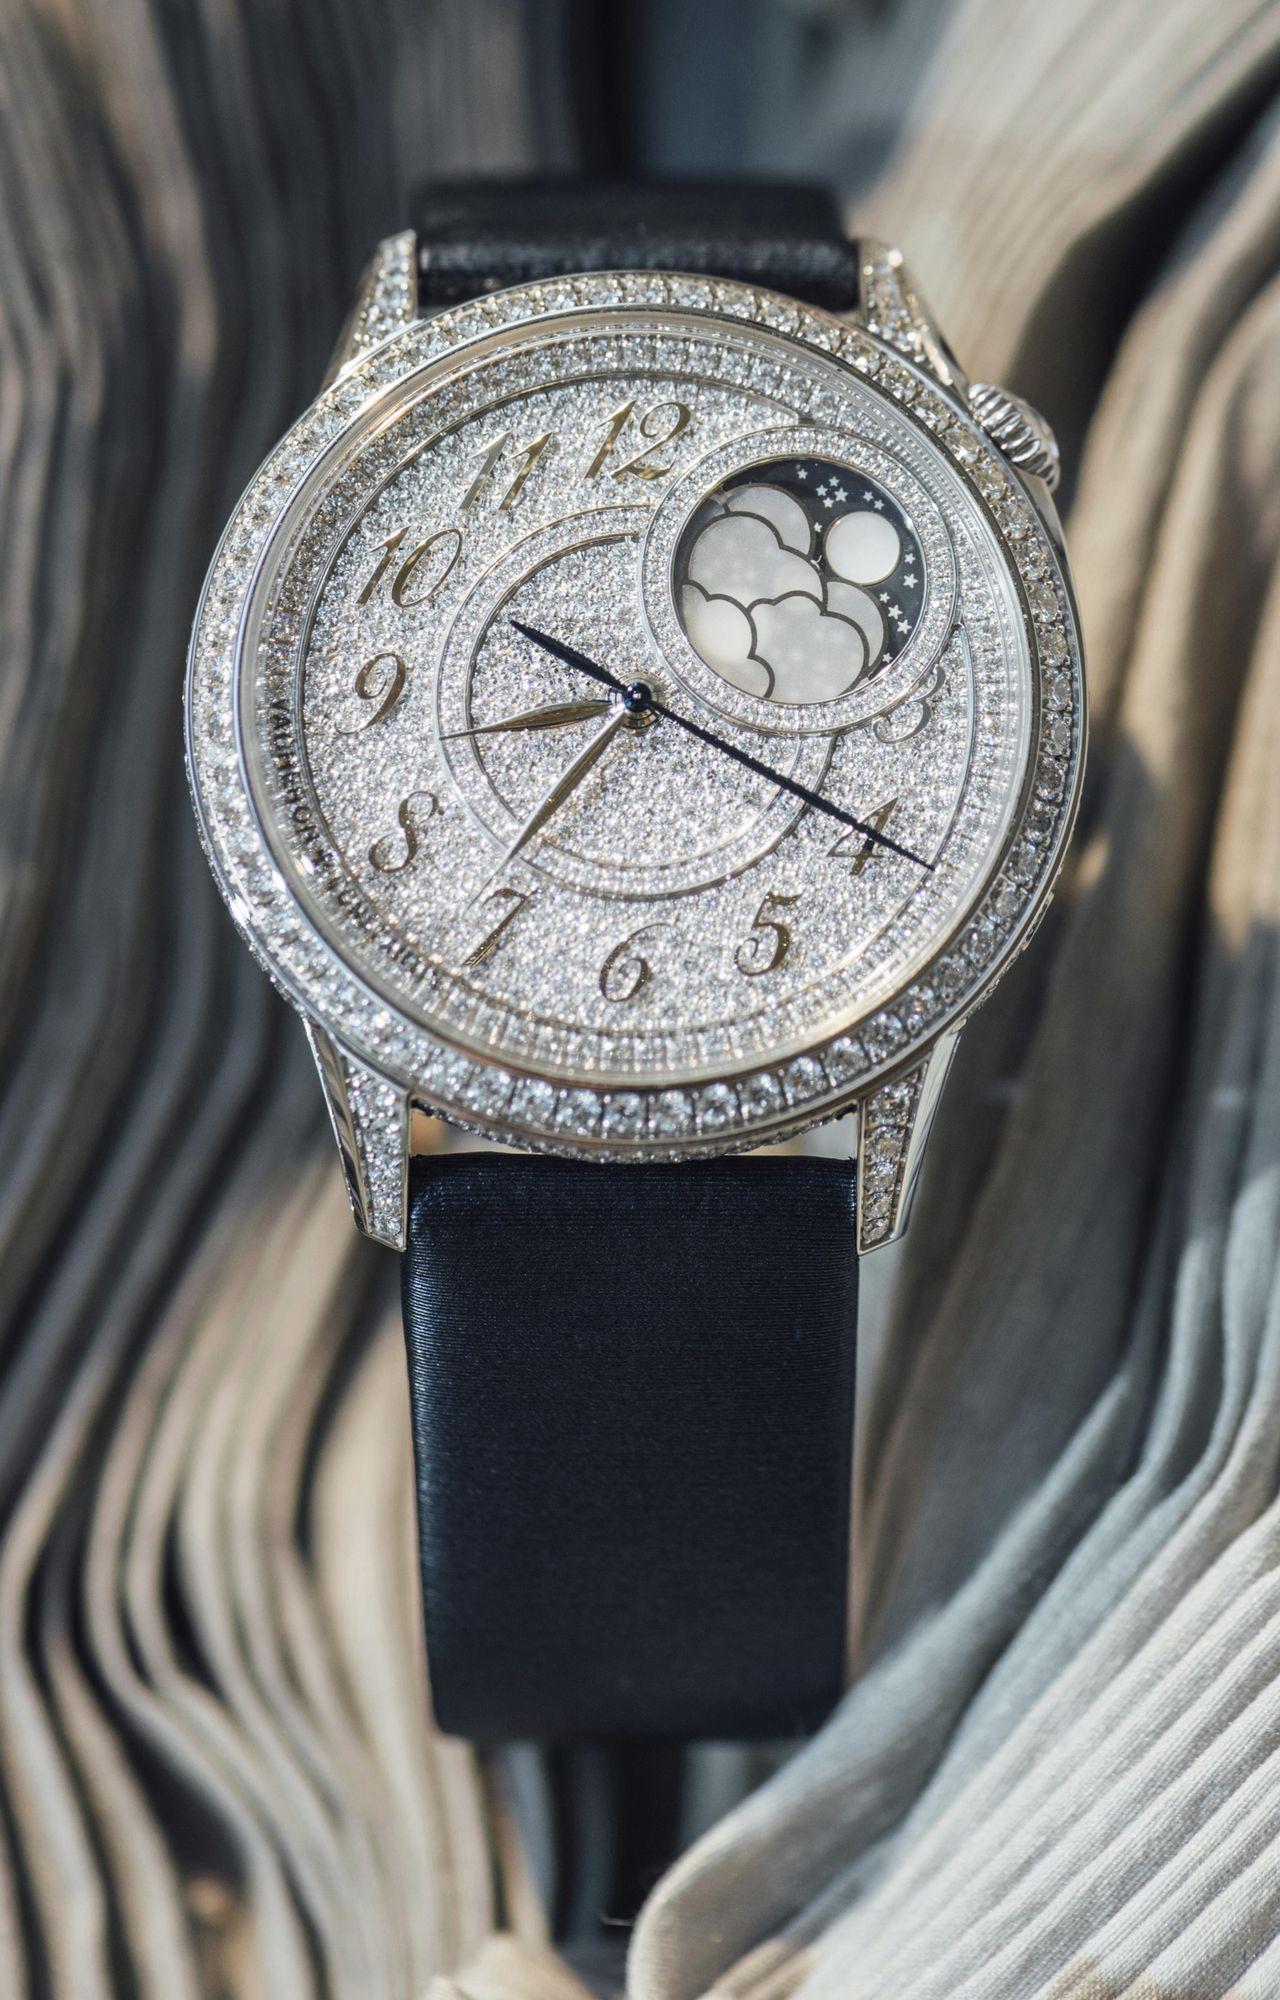 Vacheron Constantin Égérie - gyémántokkal borítva